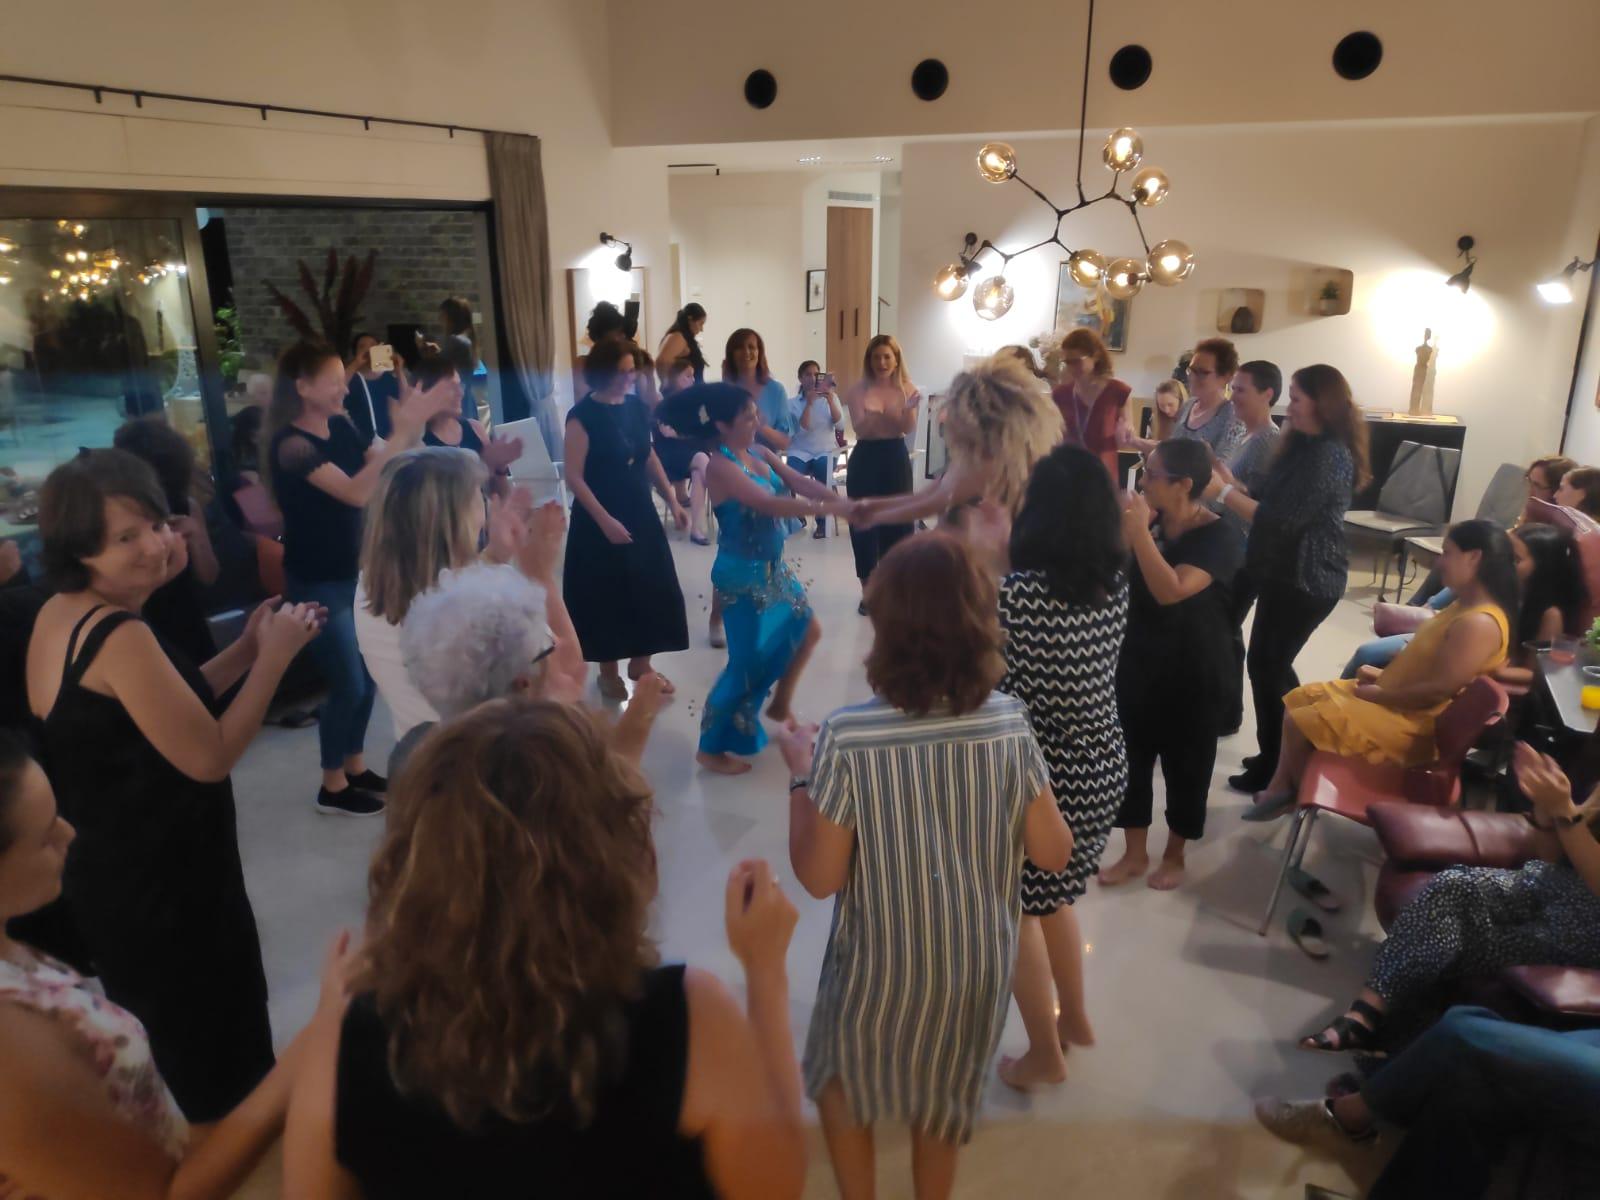 מסיבת חינה מושקעת עם מיה טולדנו